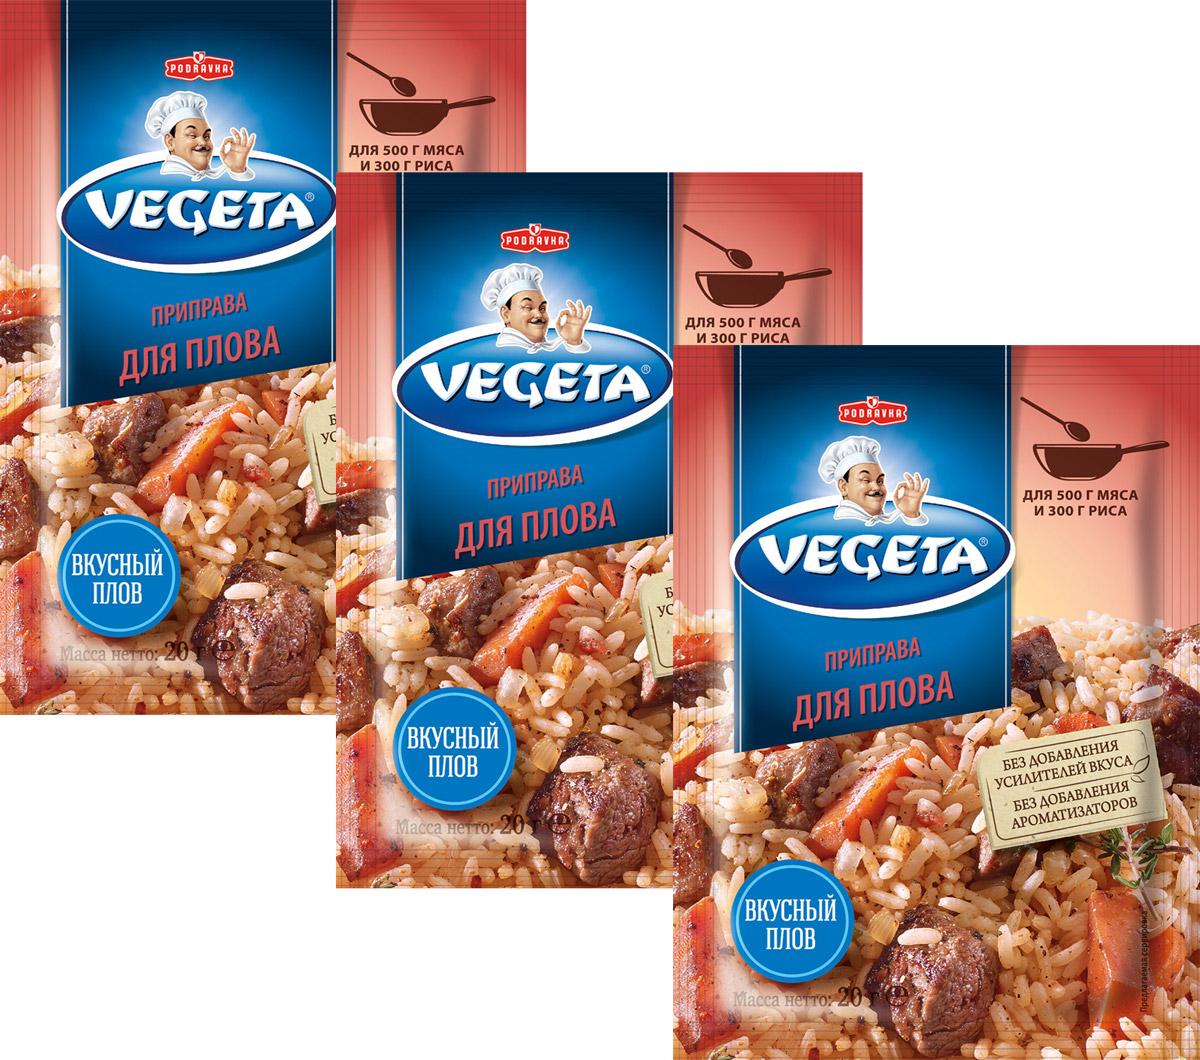 Vegeta приправа для плова, 3 пакета по 20 г3110157Специи, входящие в состав приправы Vegeta для плова, дополняют вкус моркови, лука, баранины, риса и других ингредиентов, из которых состоит плов, и тогда, благодаря секретной добавке, это блюдо превращается в ваше настоящее гастрономическое оружие, с помощью которого вы легко завоюете даже самых взыскательных гостей и членов вашей семьи.